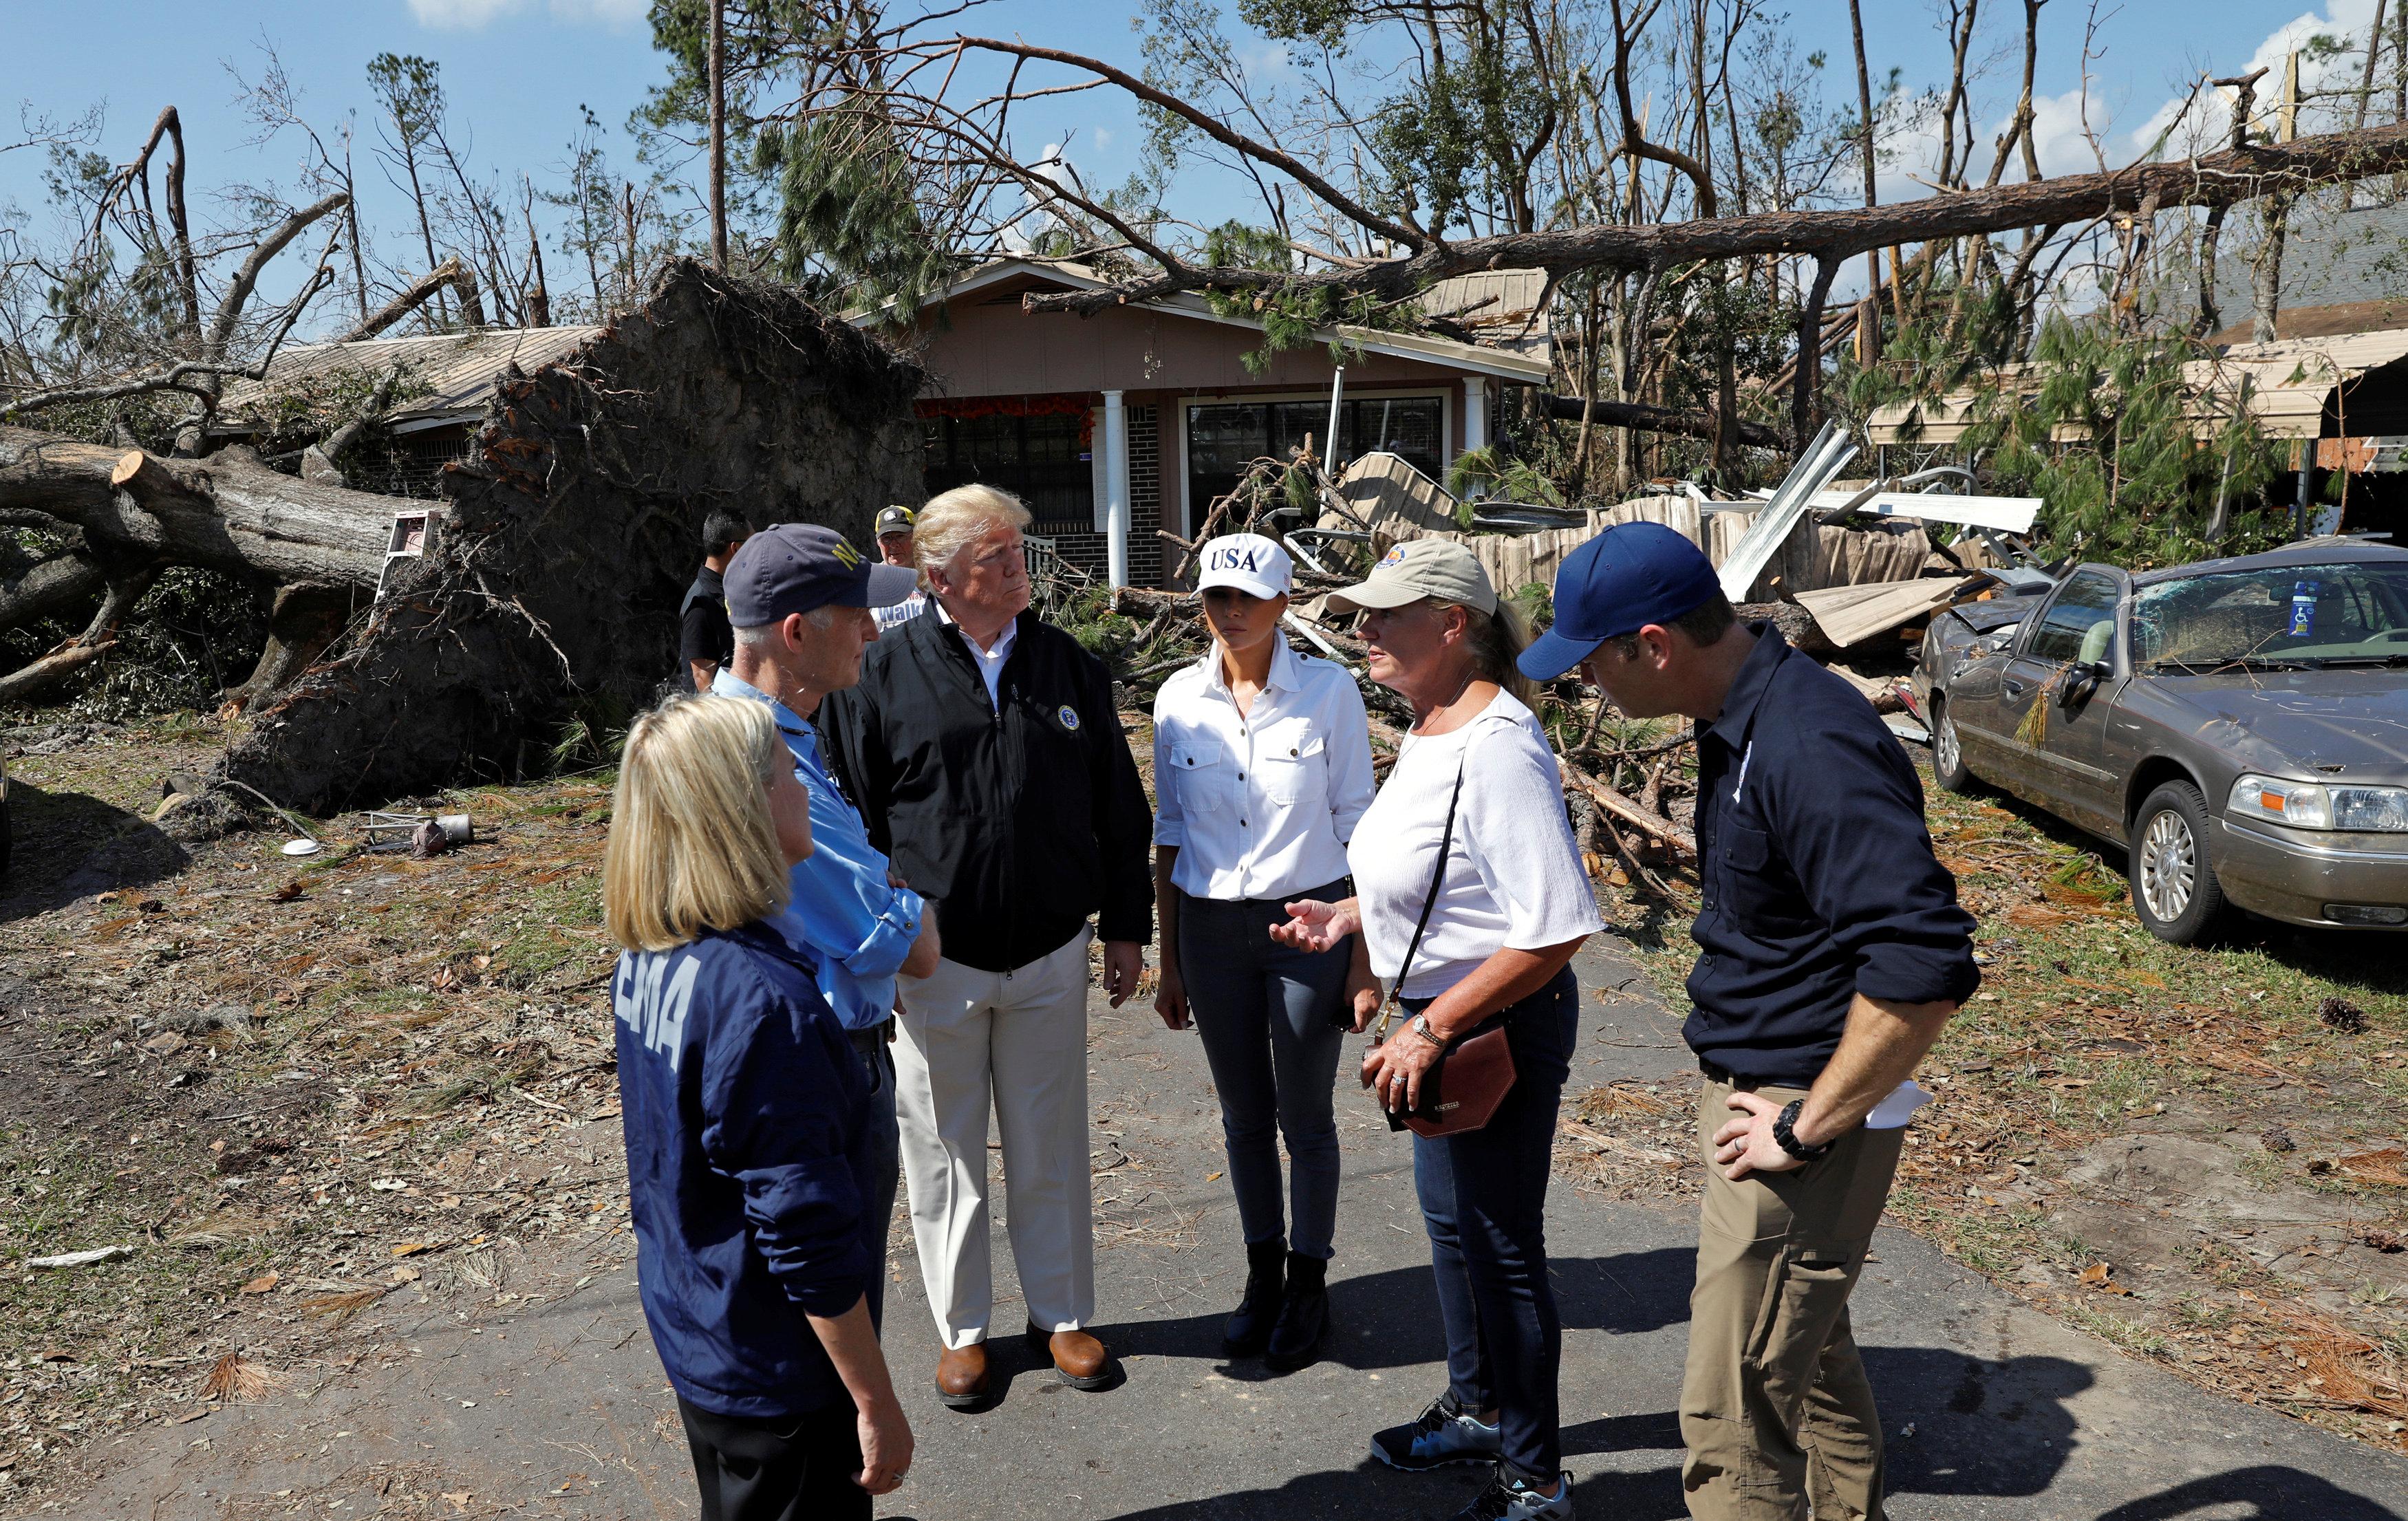 ترامب وزوجته بموقع الإعصار